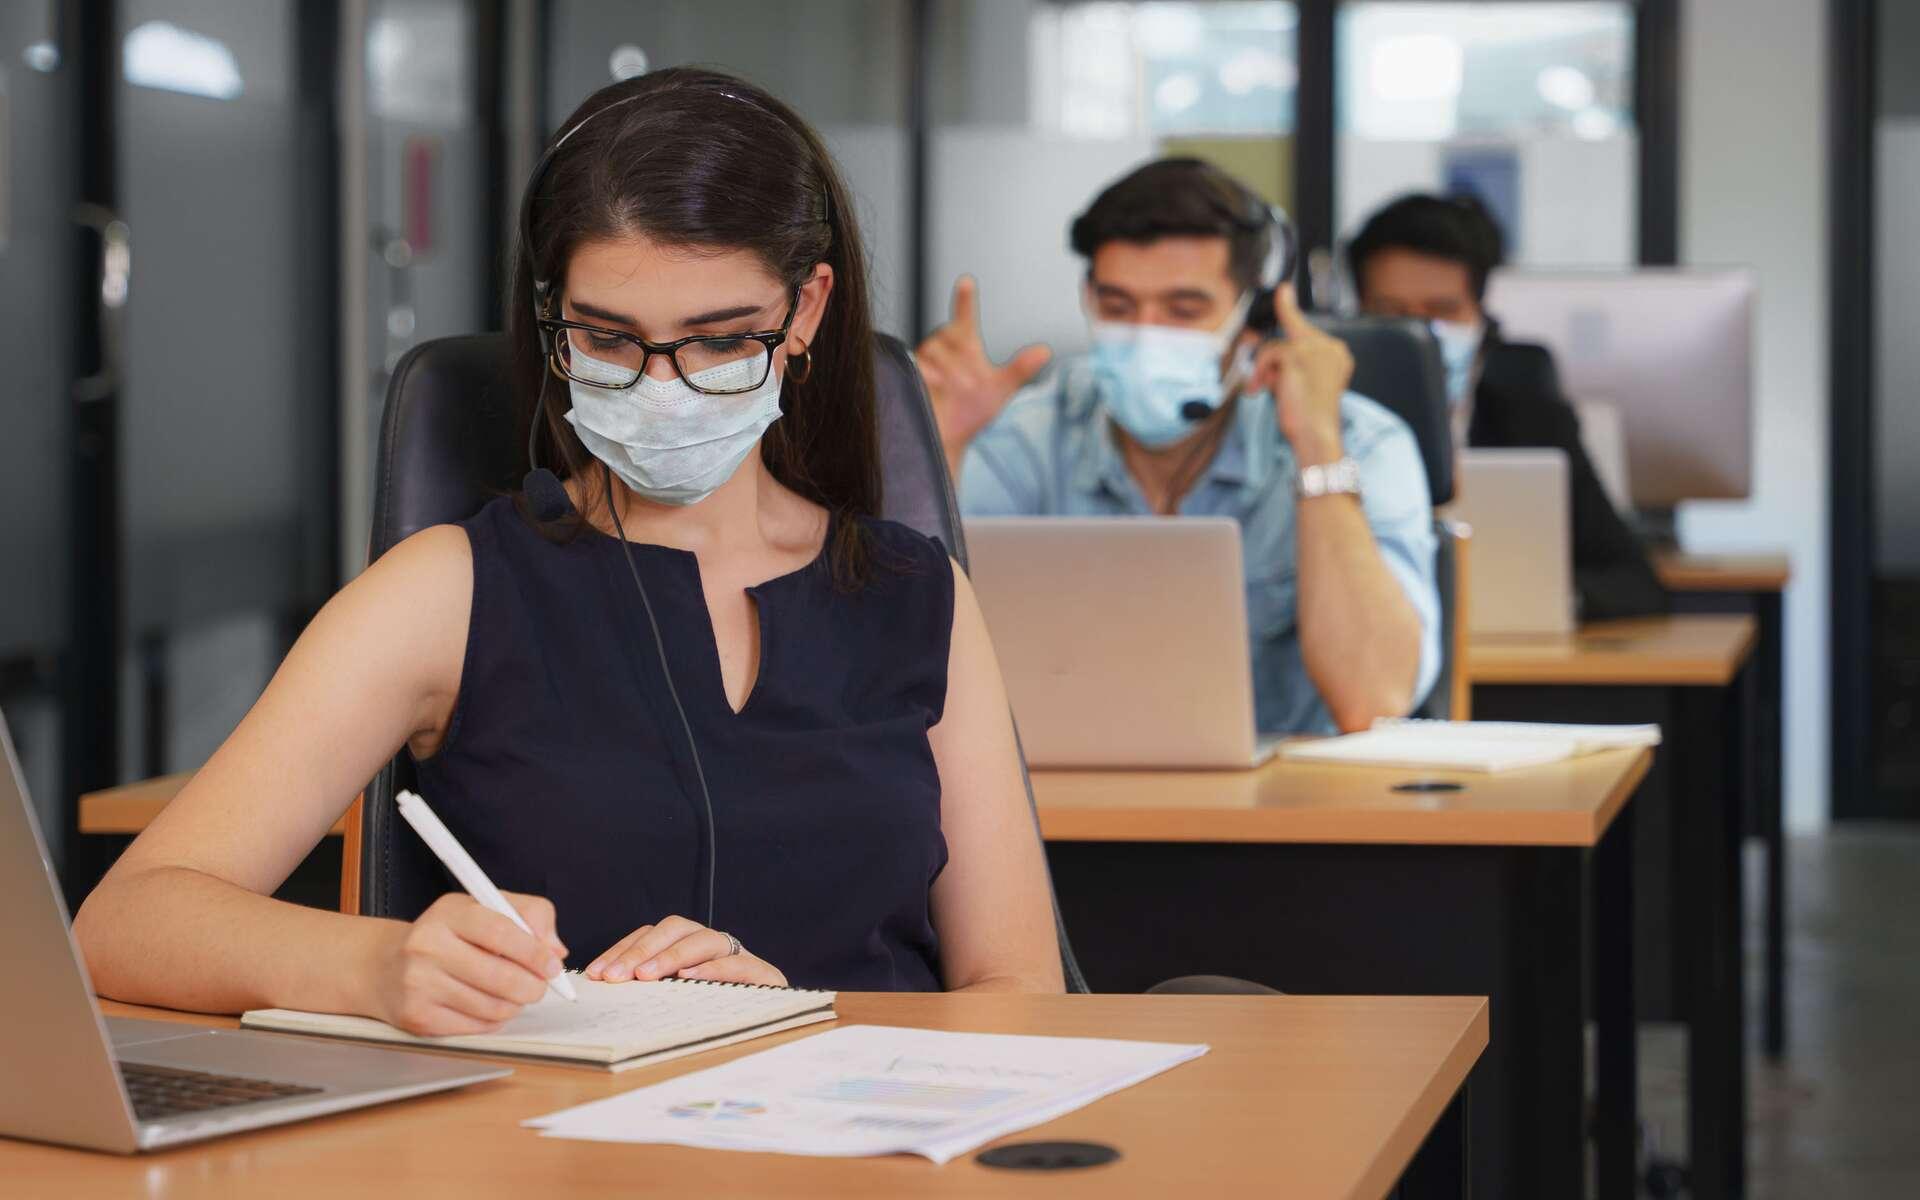 Le masque au quotidien, un accessoire qui doit être confortable. © Mongkolchon, Adobe Stock